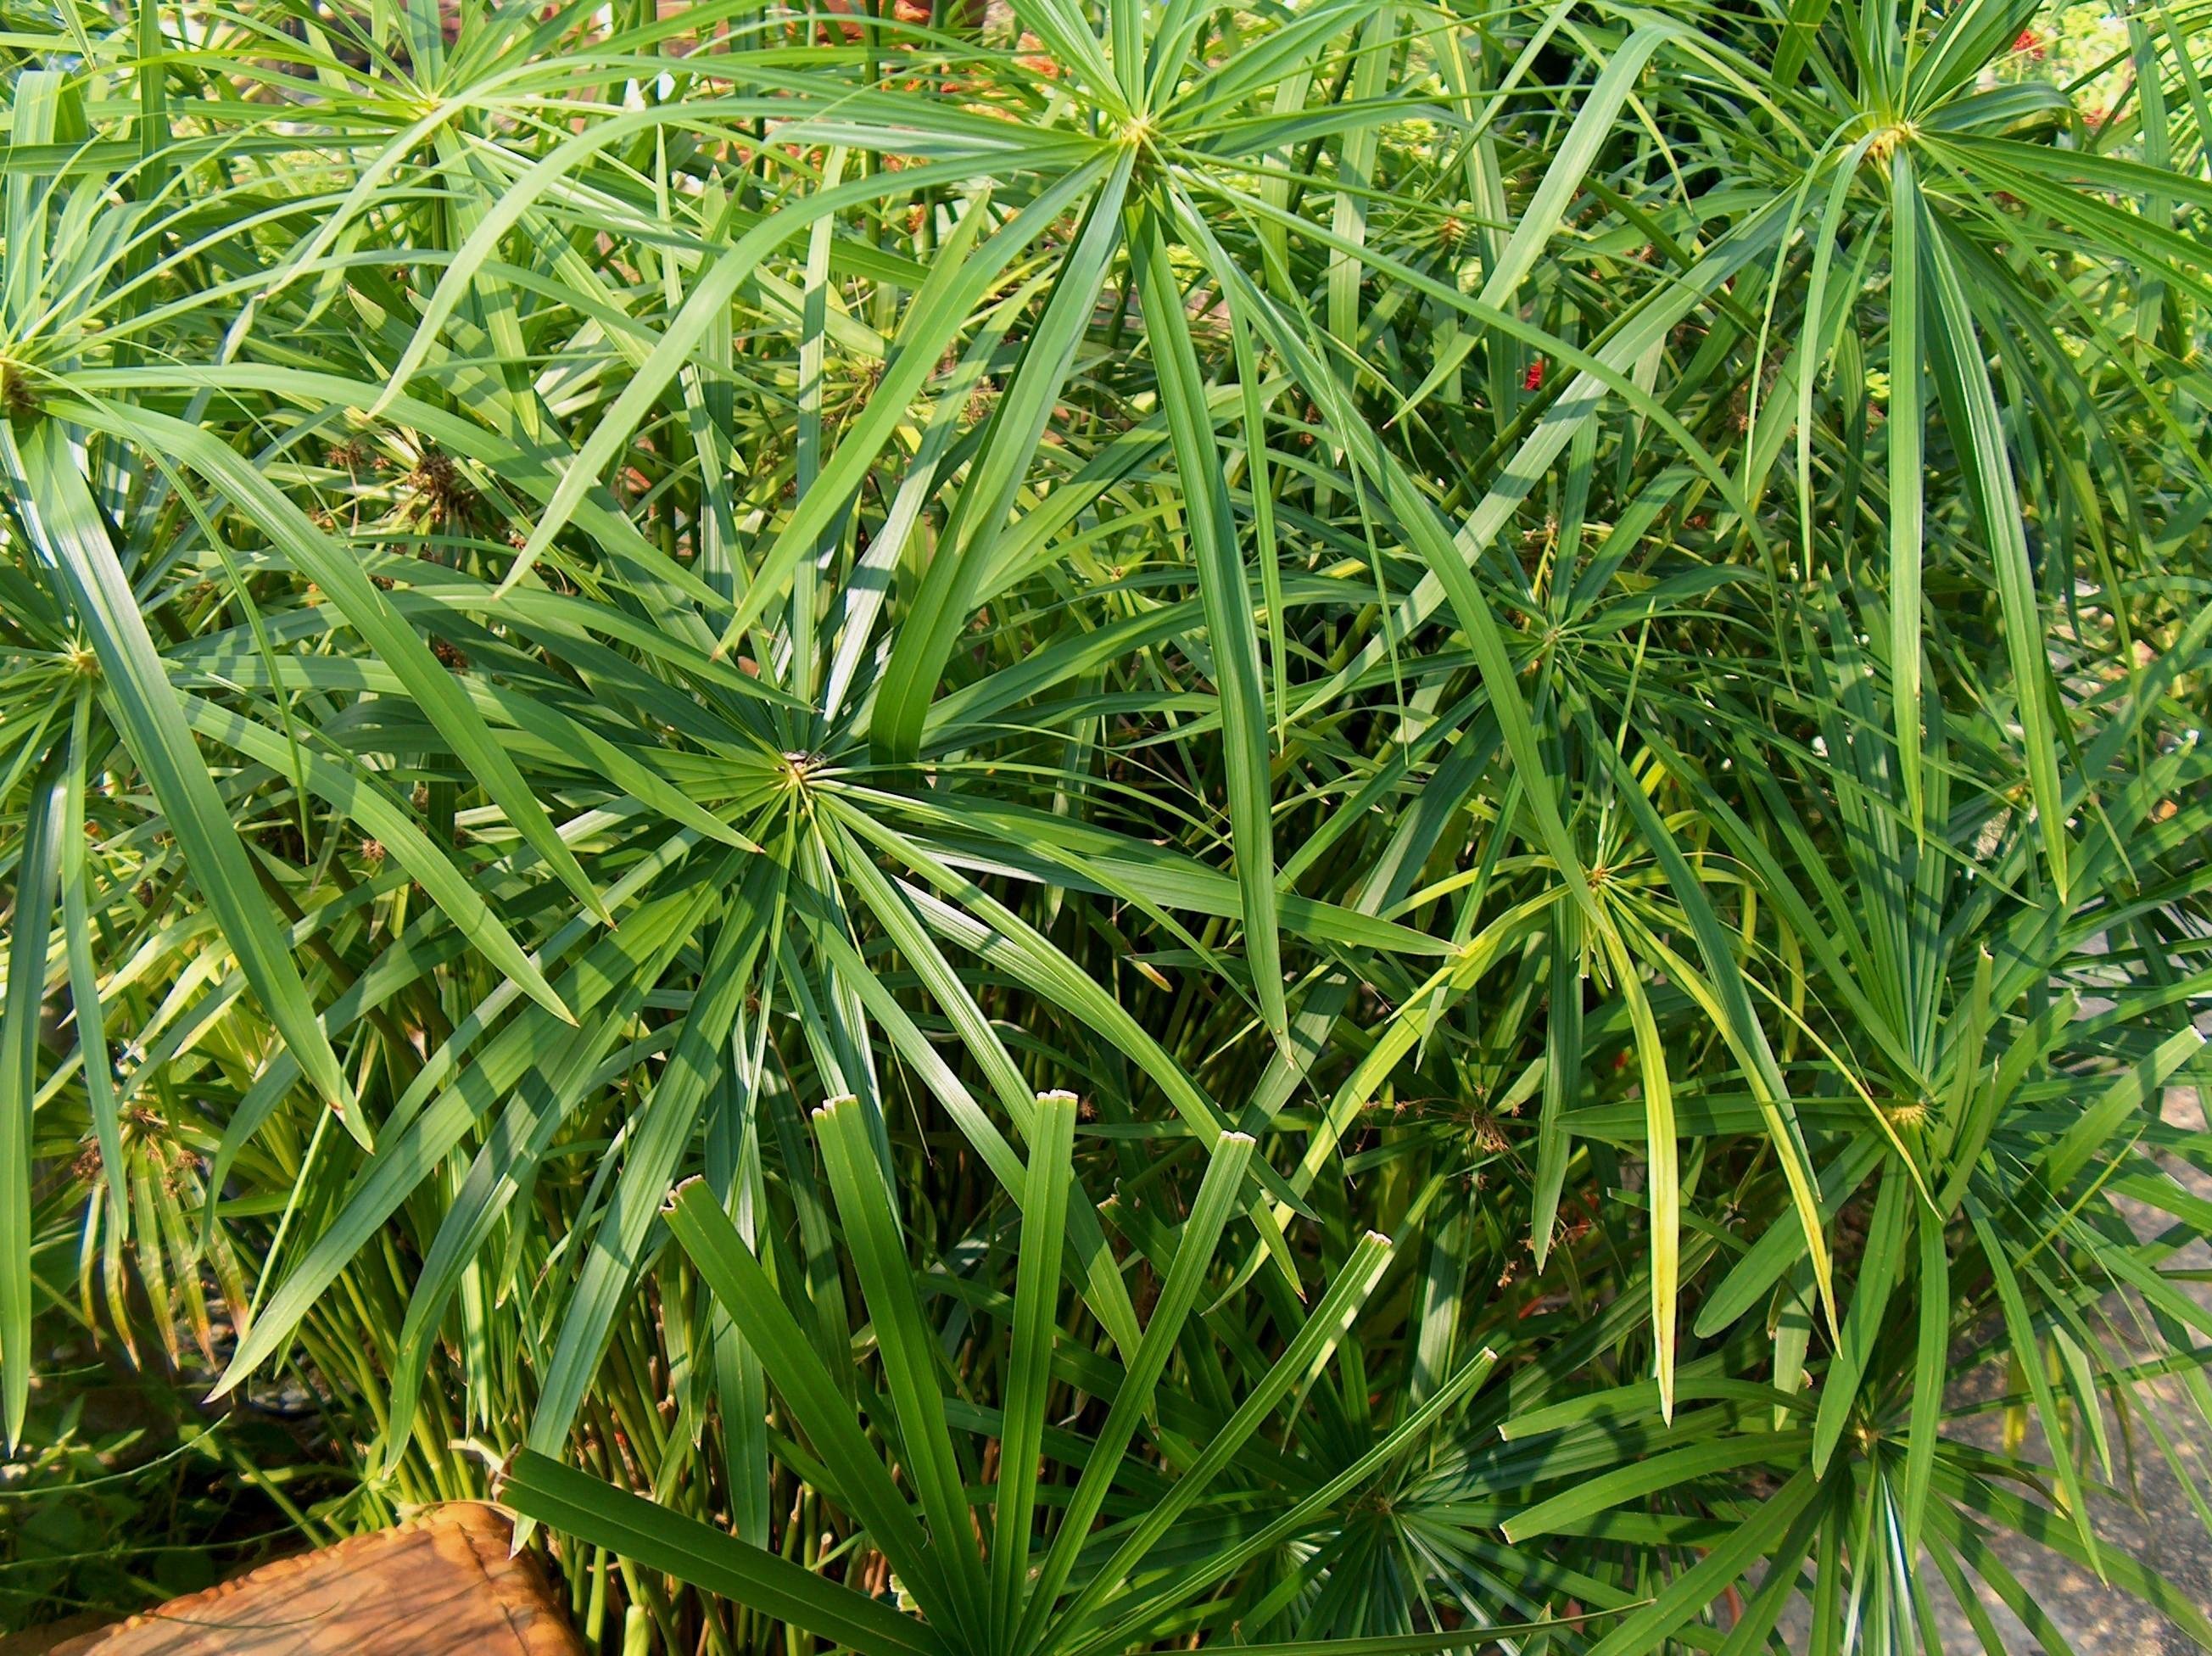 Grakščioji viksvuolė (cyperus gracilis)